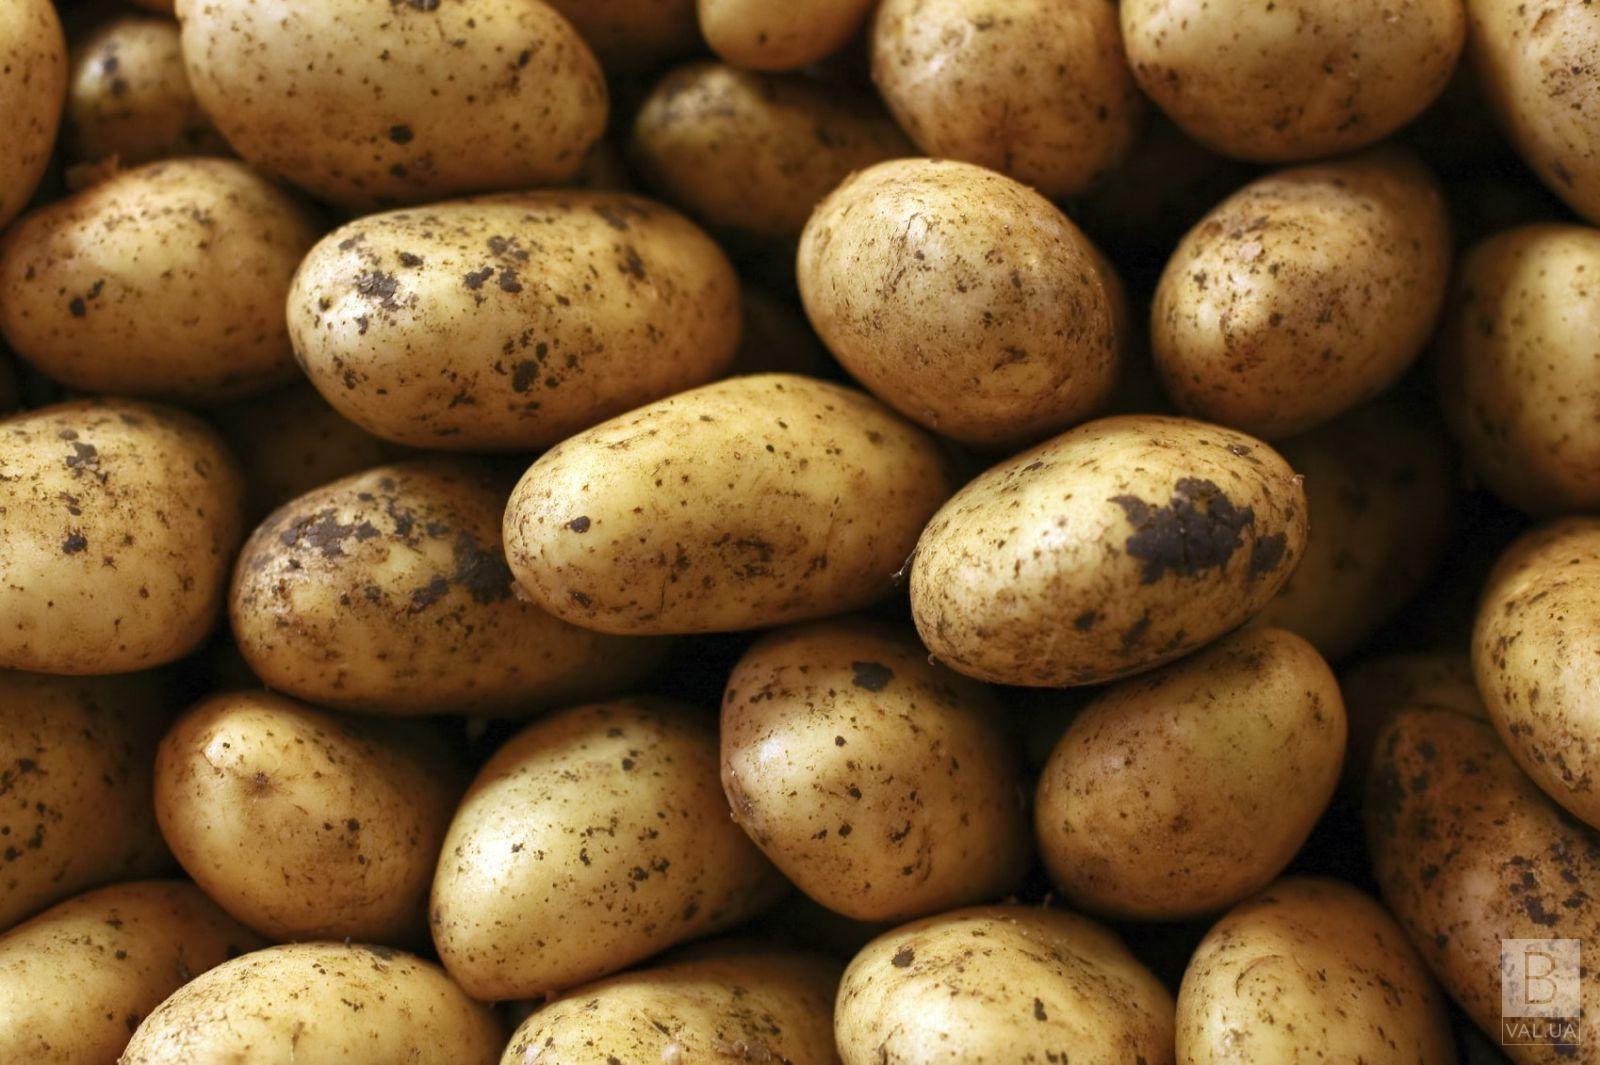 Картопля в Україні не вродила і дорожчатиме, — експерт інституту картоплярства